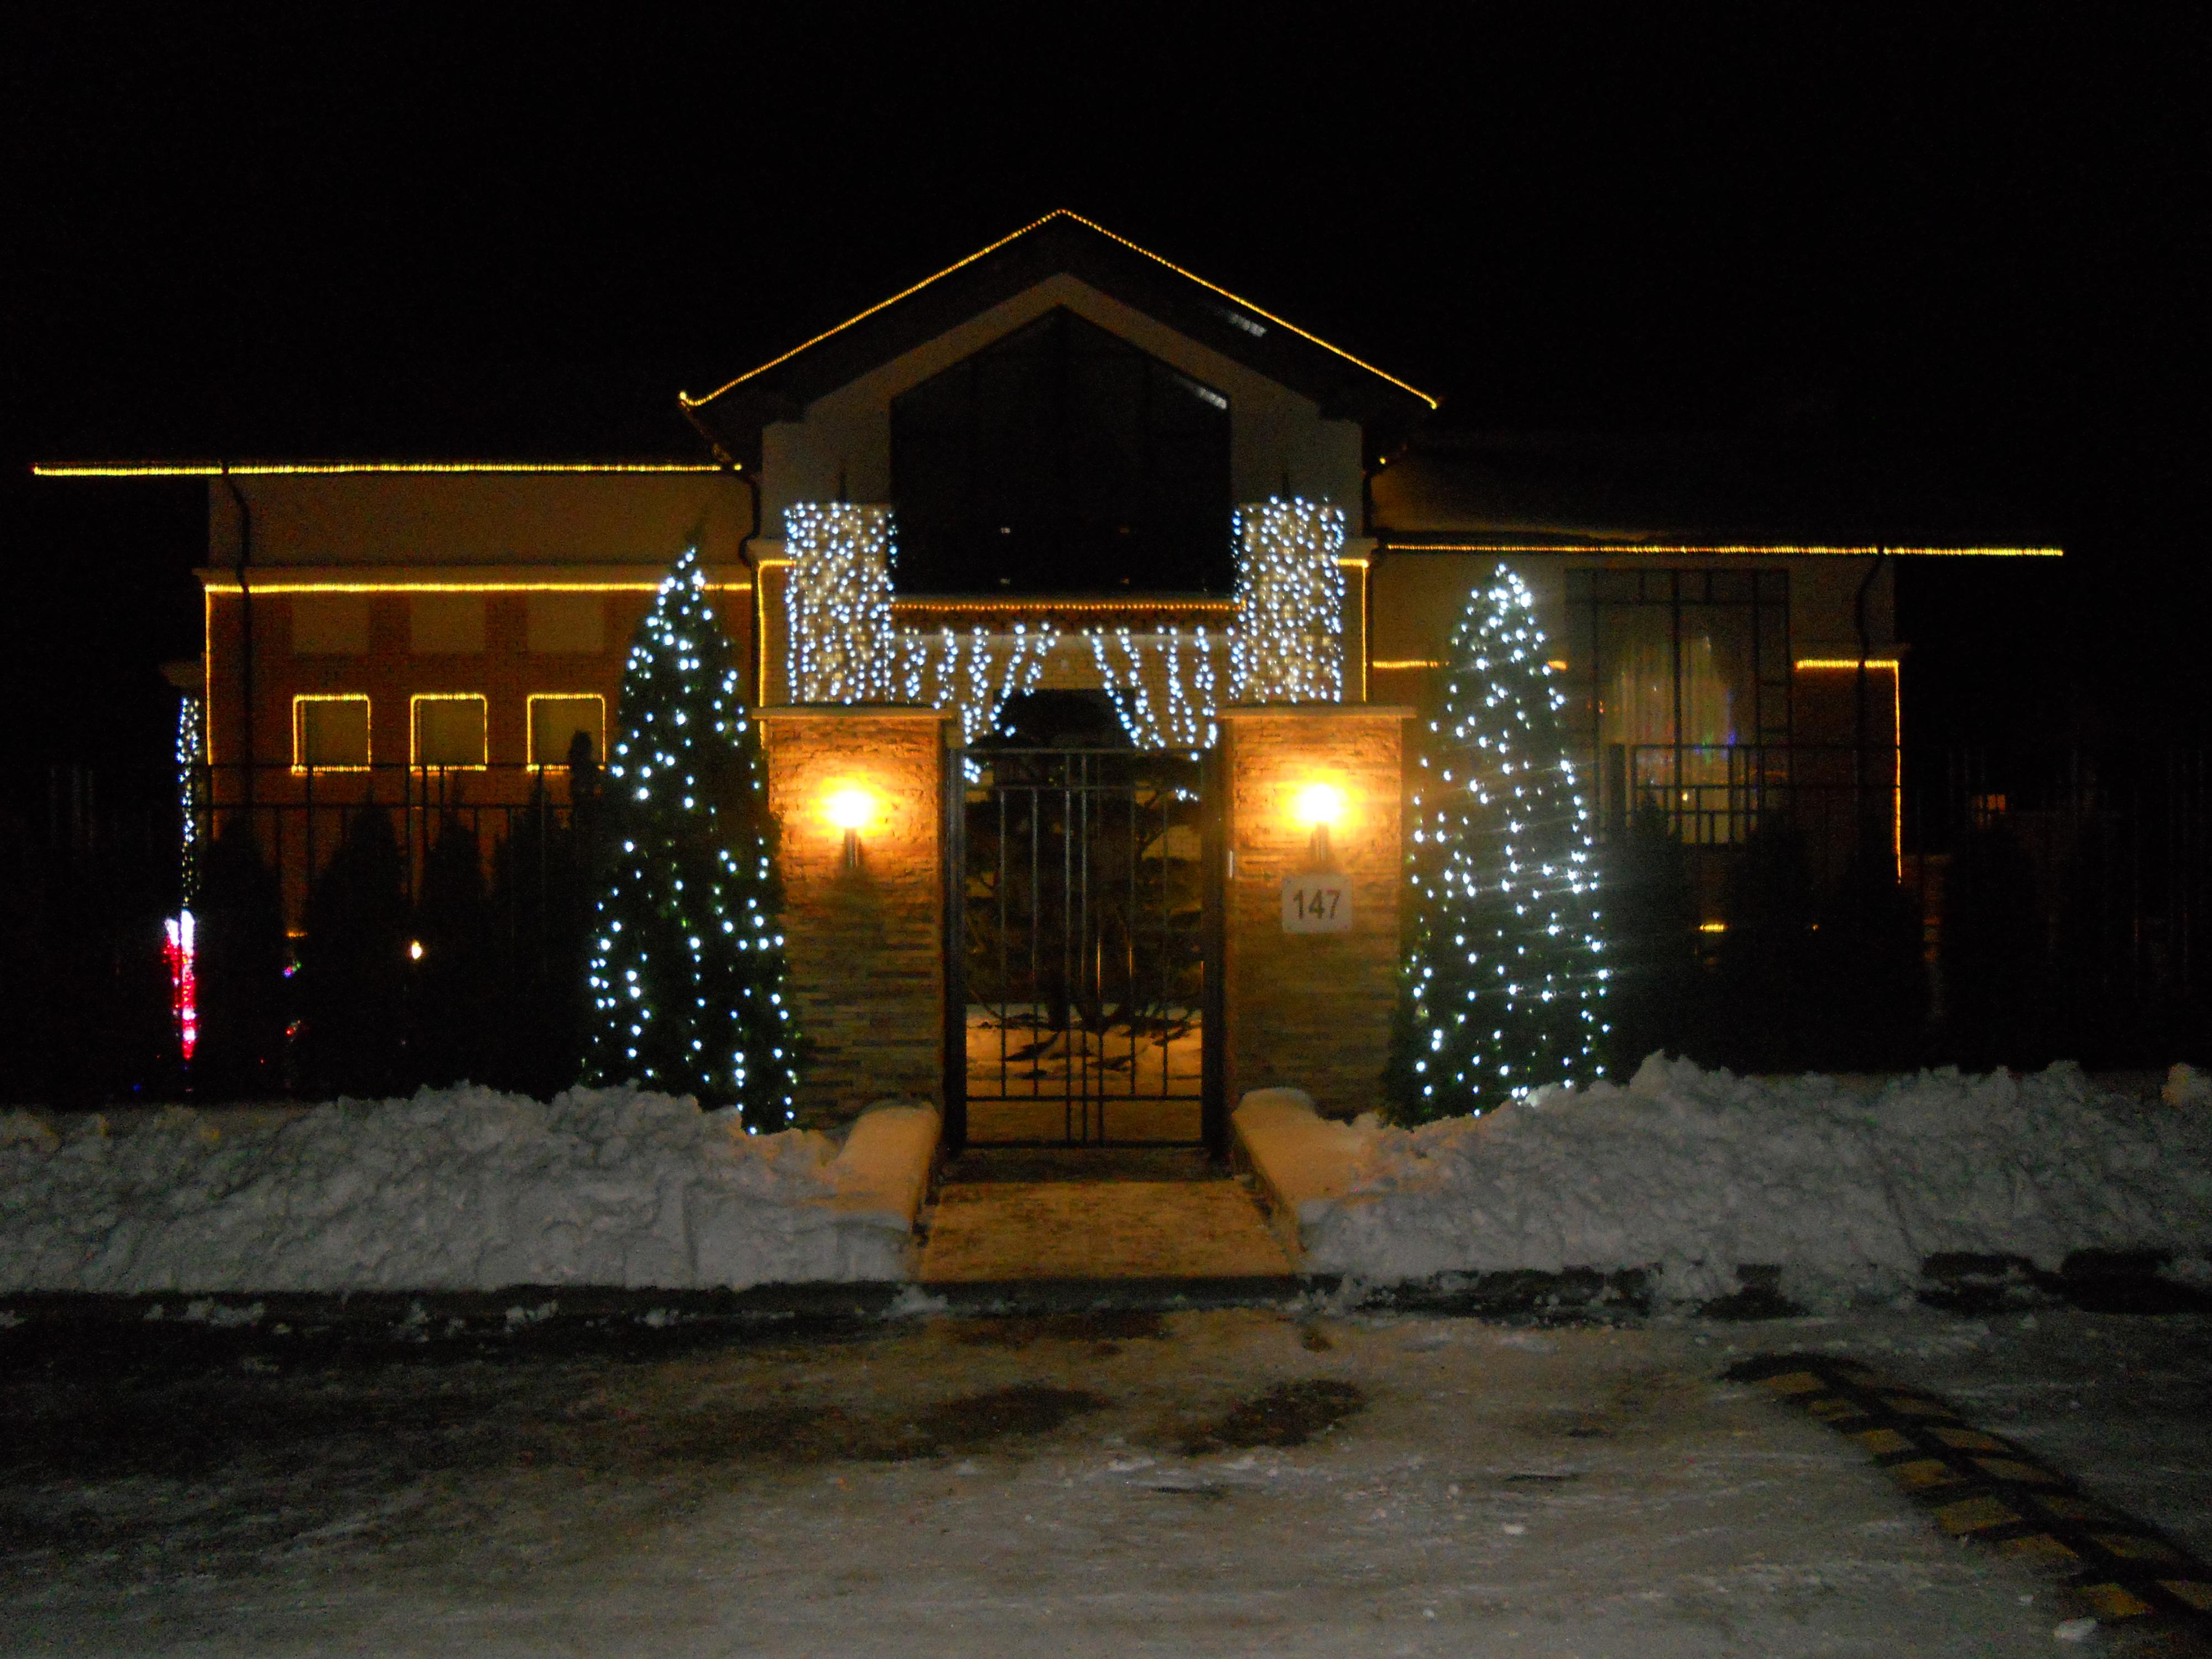 Новогодняя подсветка и украшение фасадов зданий гирляндами